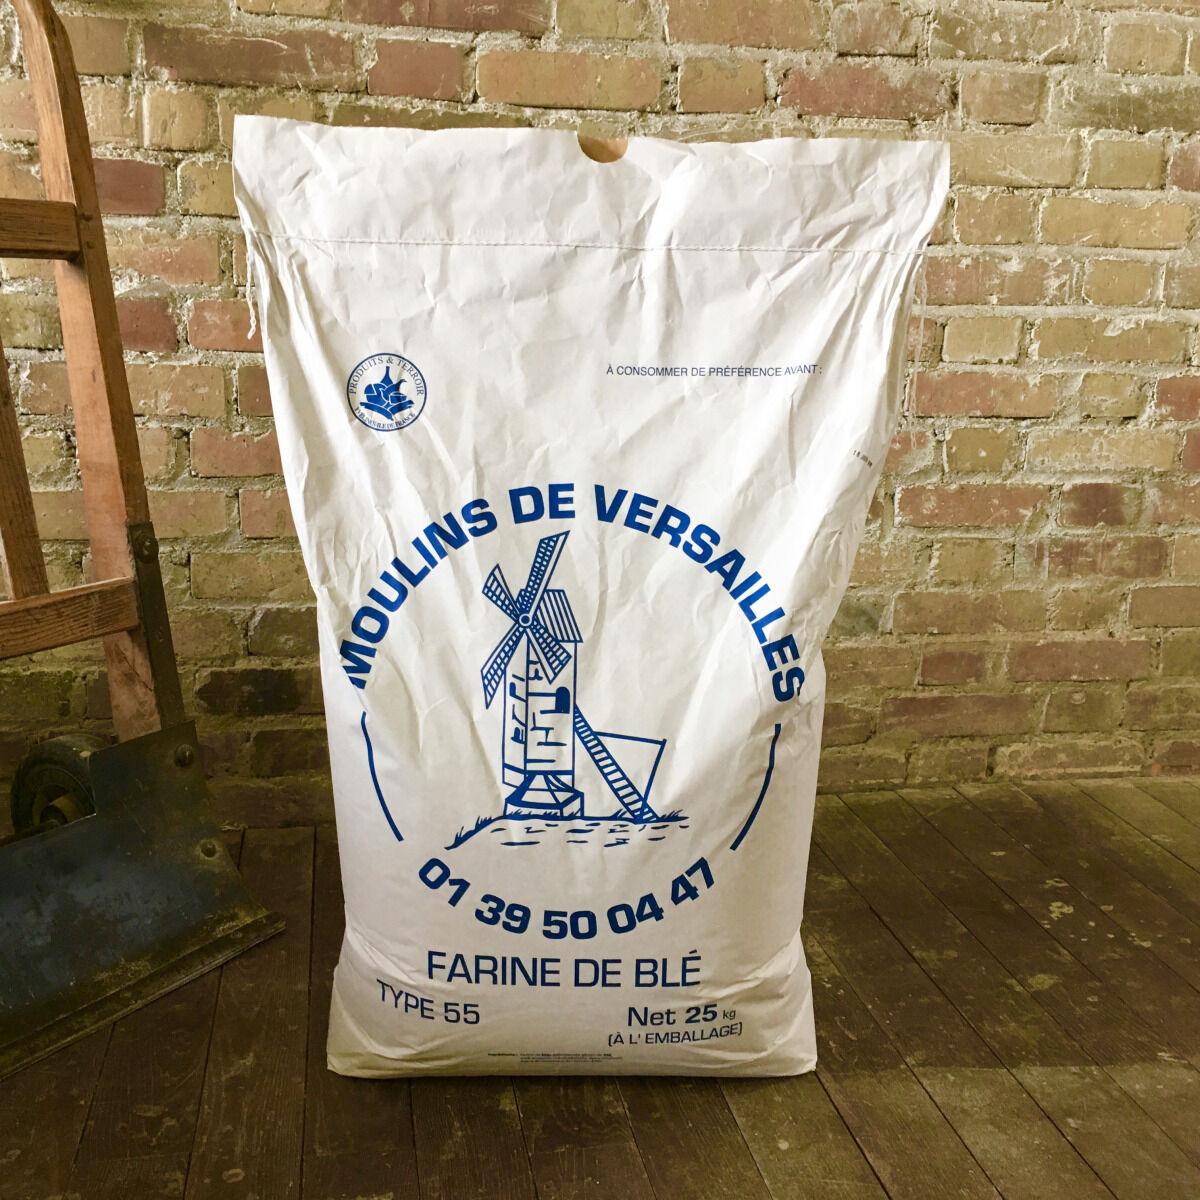 Moulins de Versailles Farine De Blé T55 Boulangère Corde Bleue - 25kg